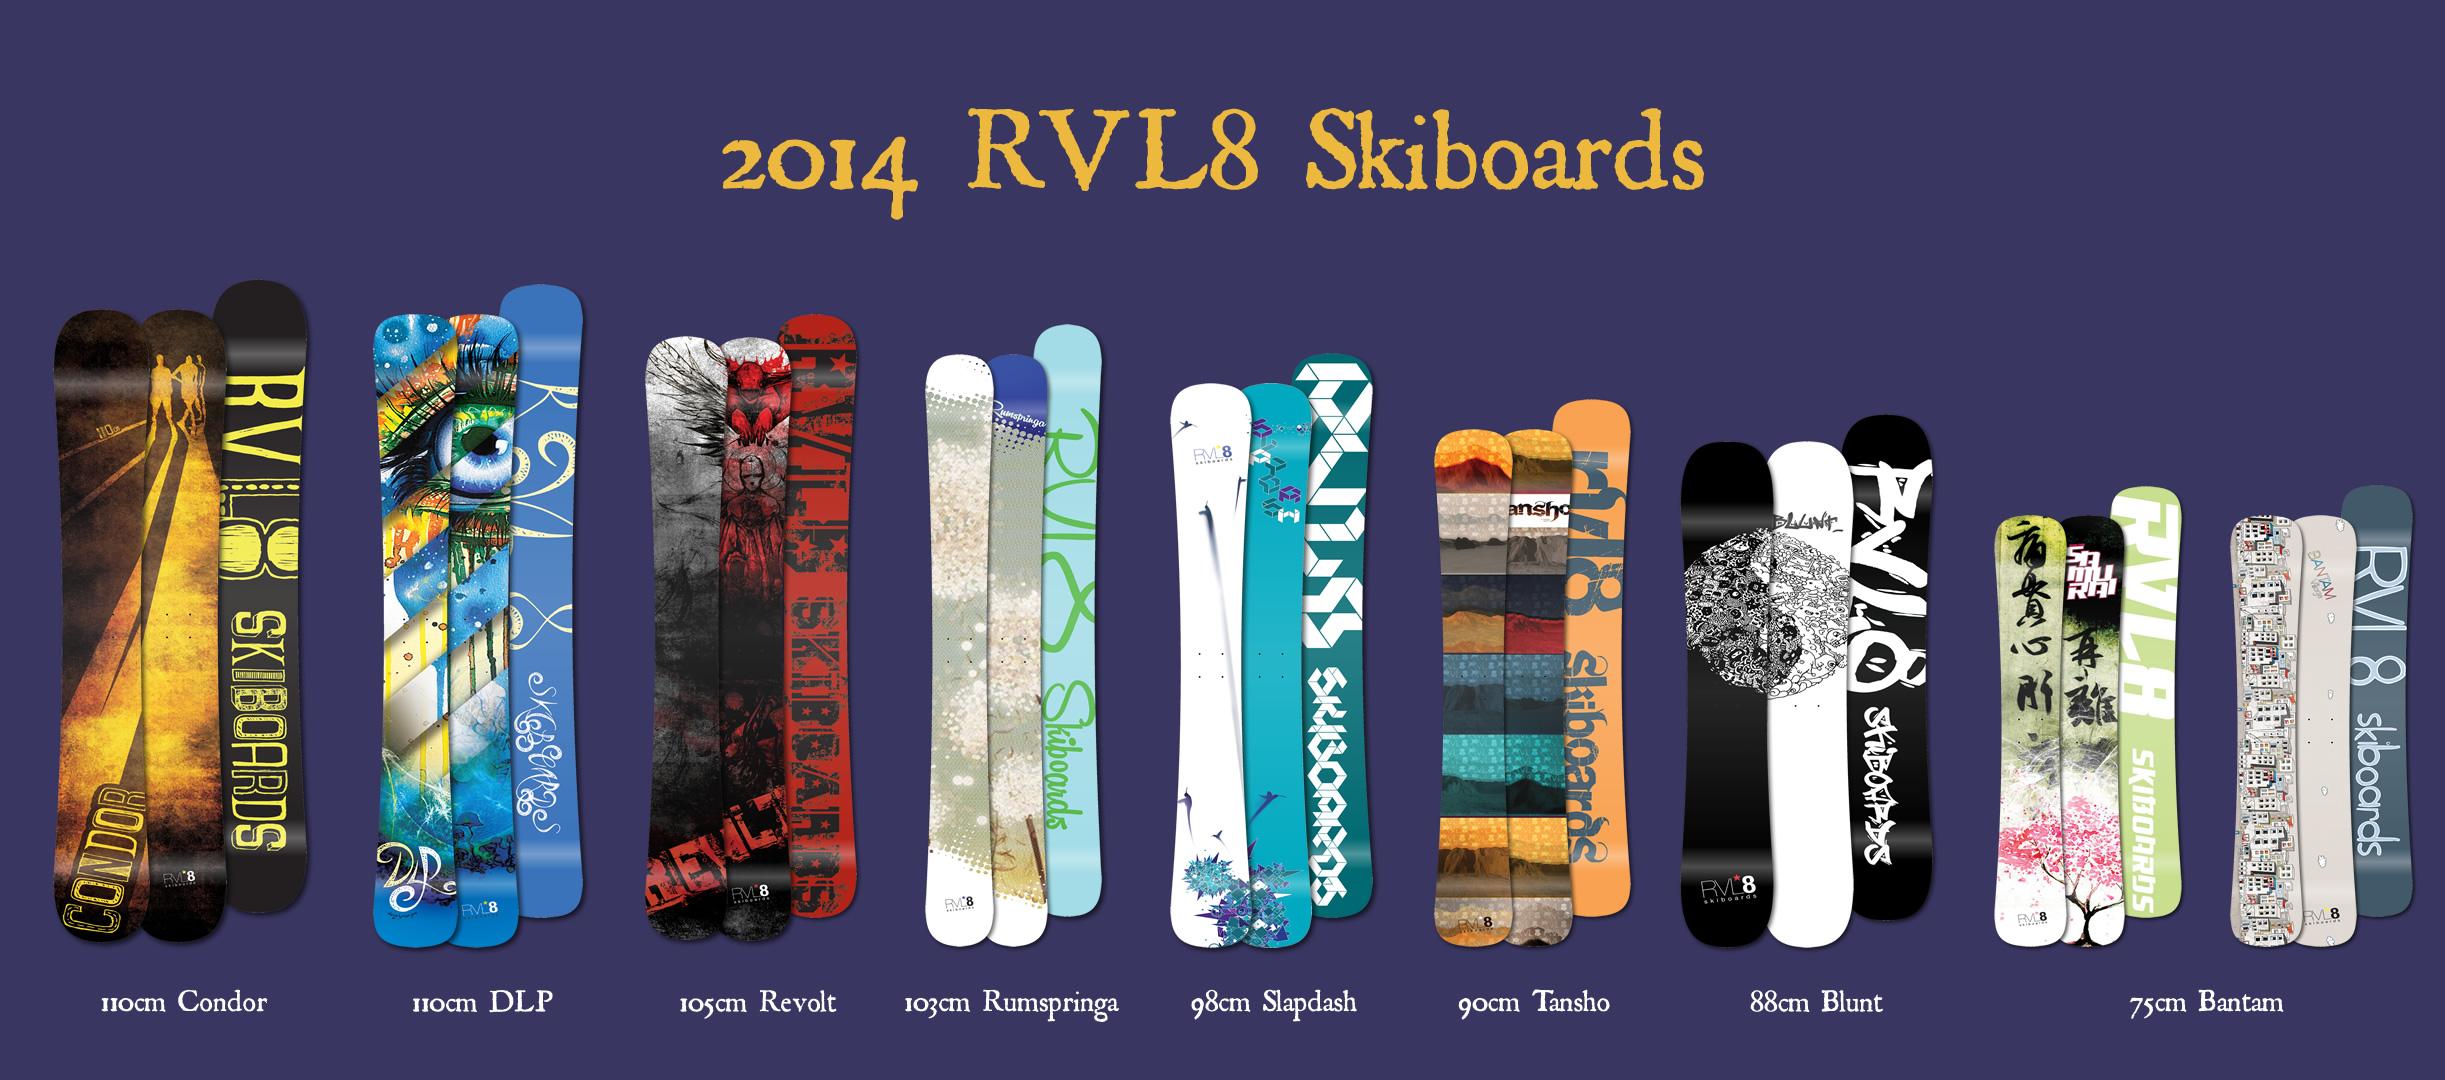 RVL8 2014  (рис.1)